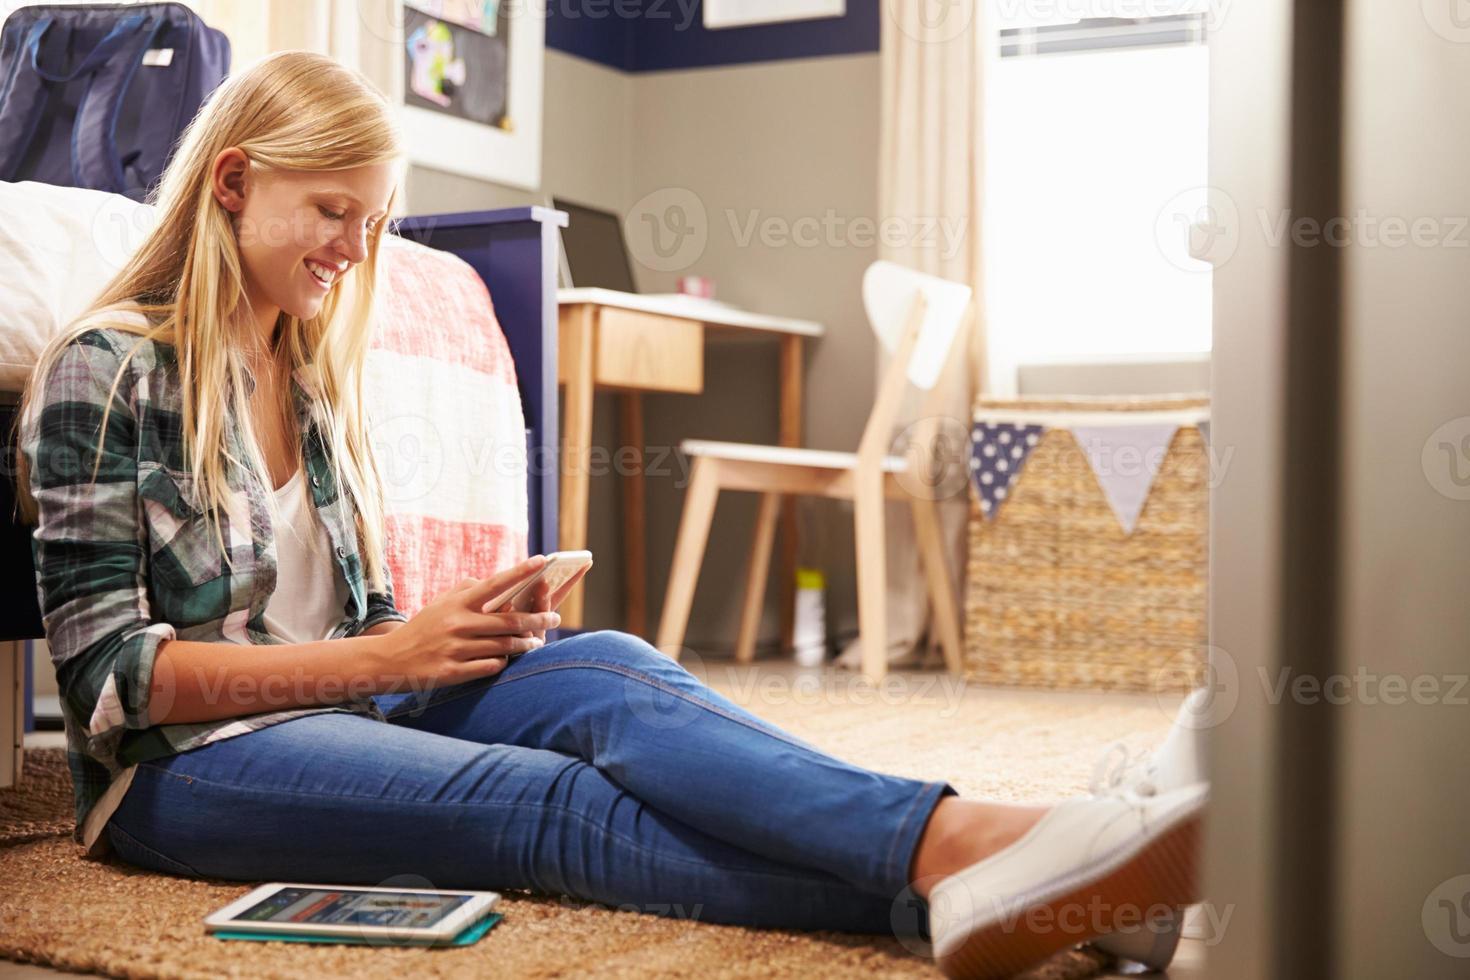 ragazza che utilizza smartphone nella sua camera da letto foto